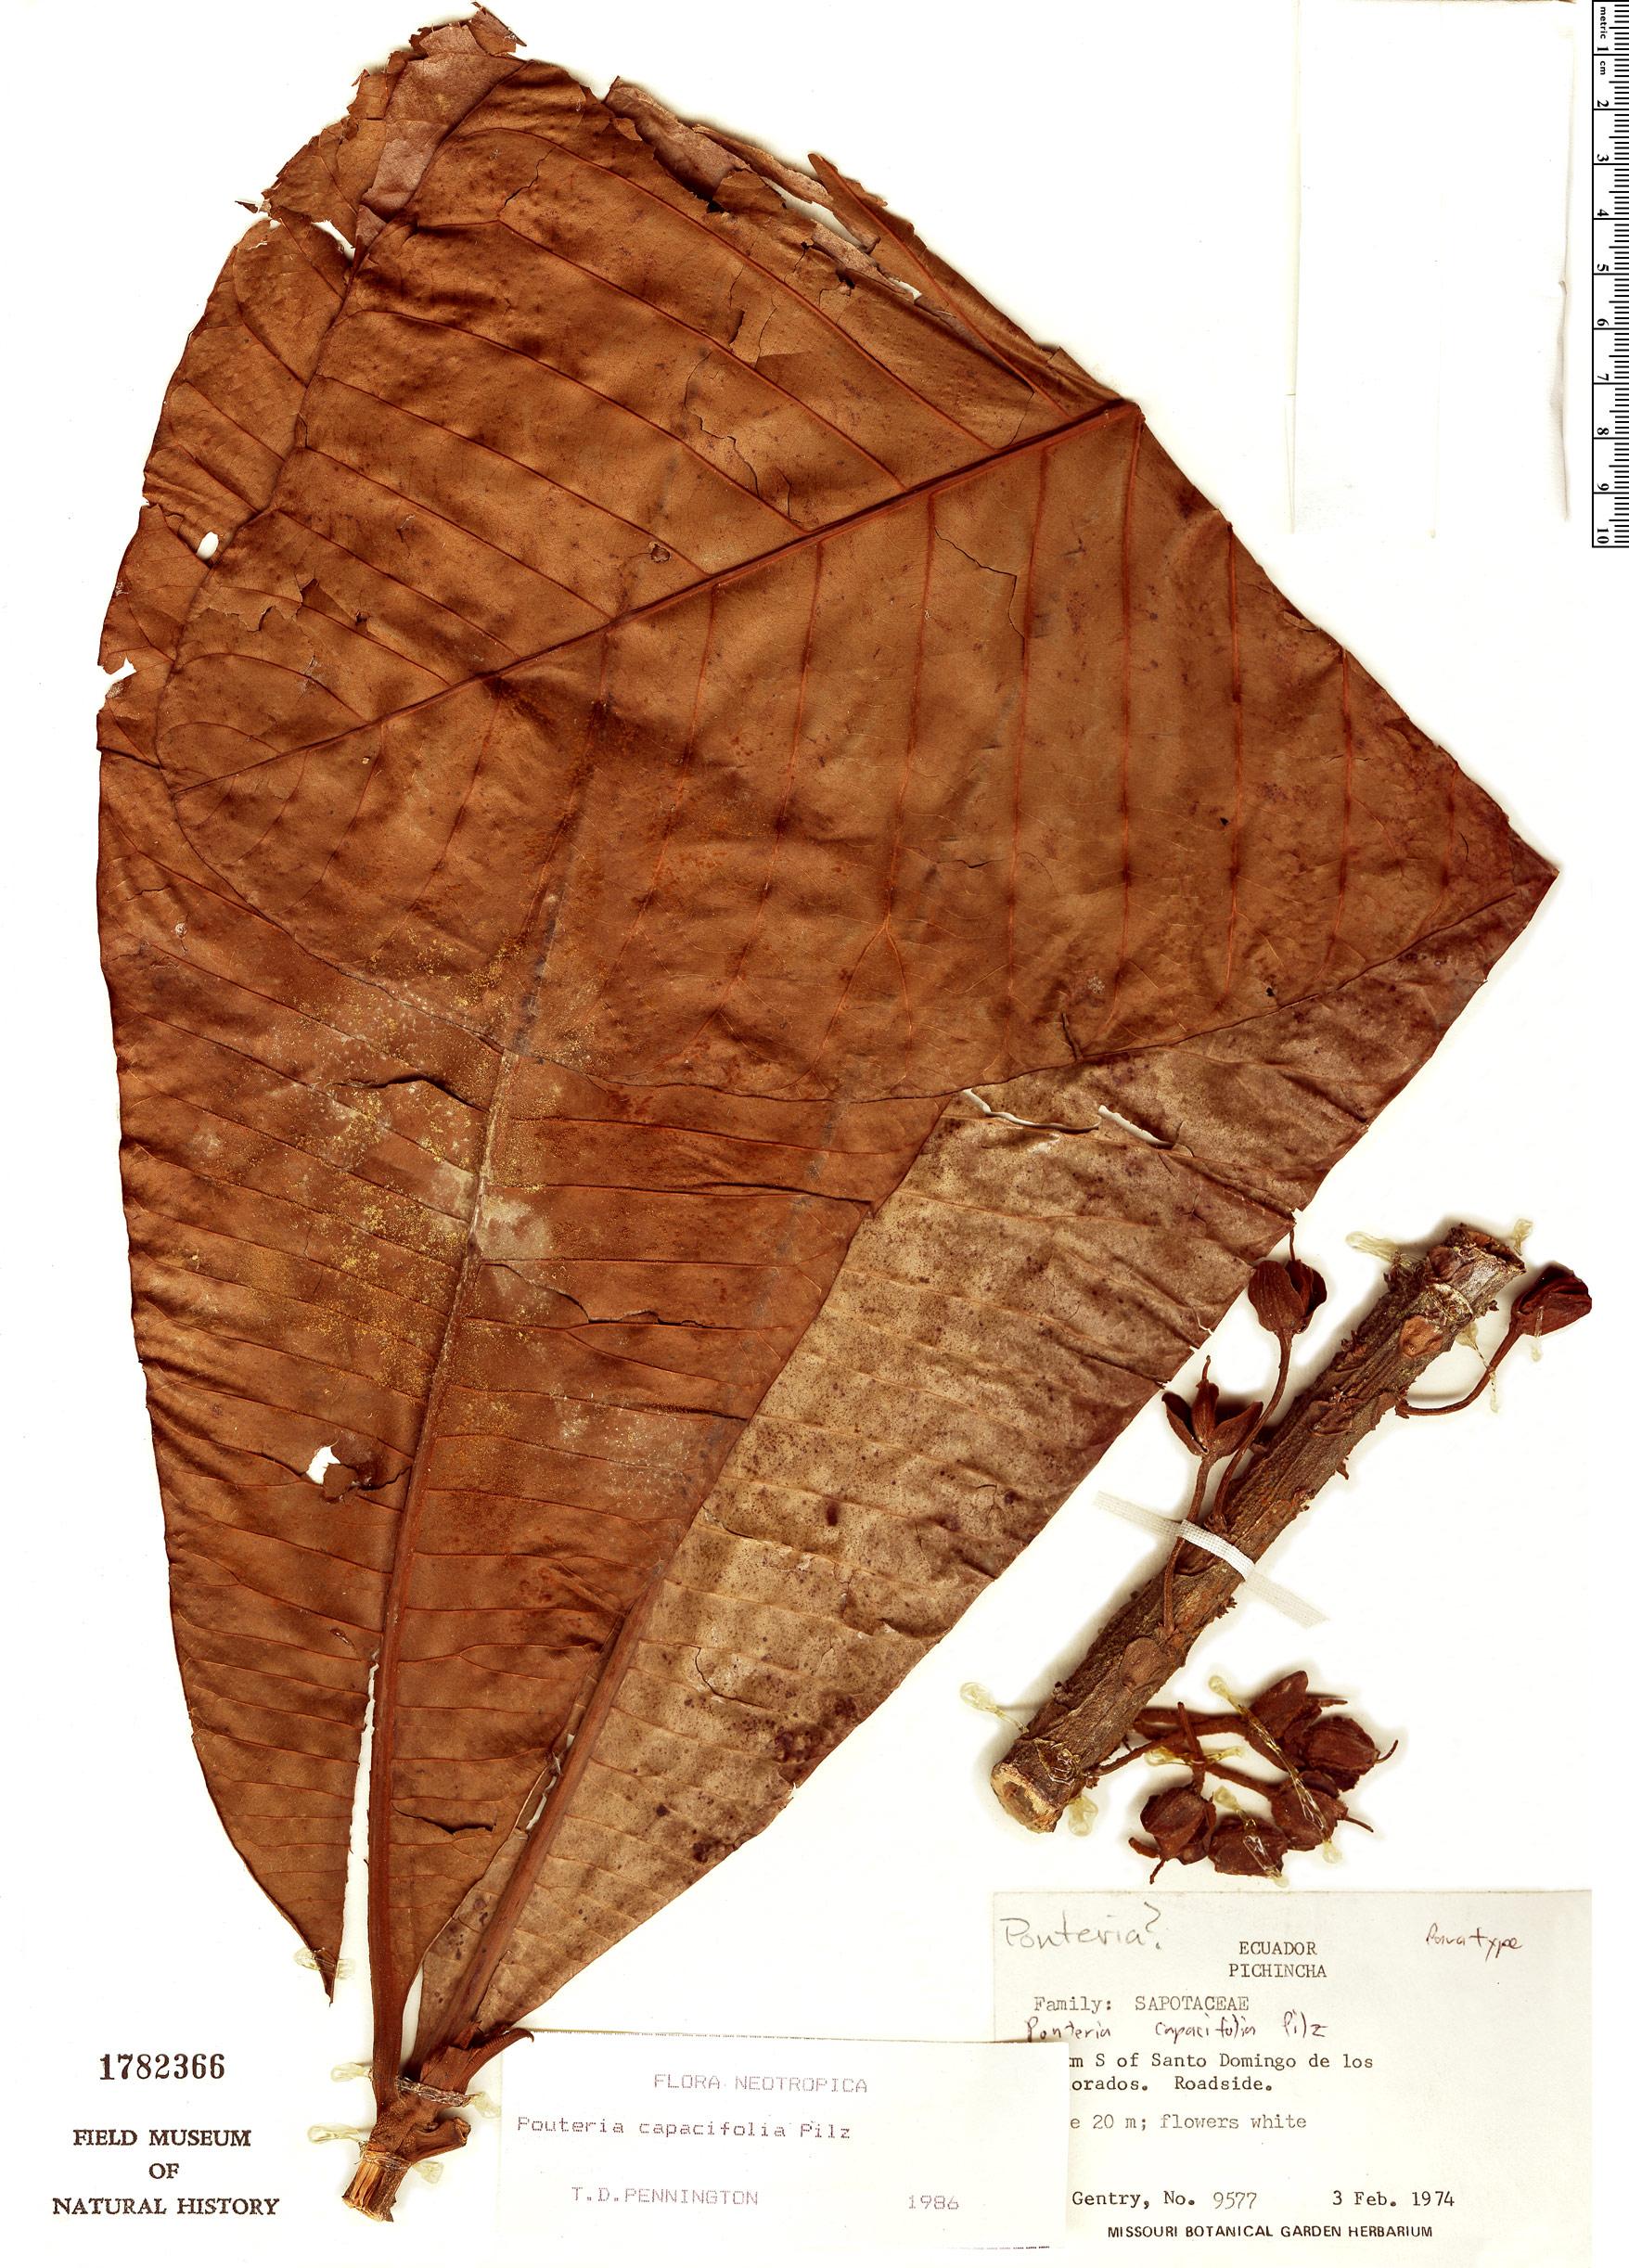 Specimen: Pouteria capacifolia